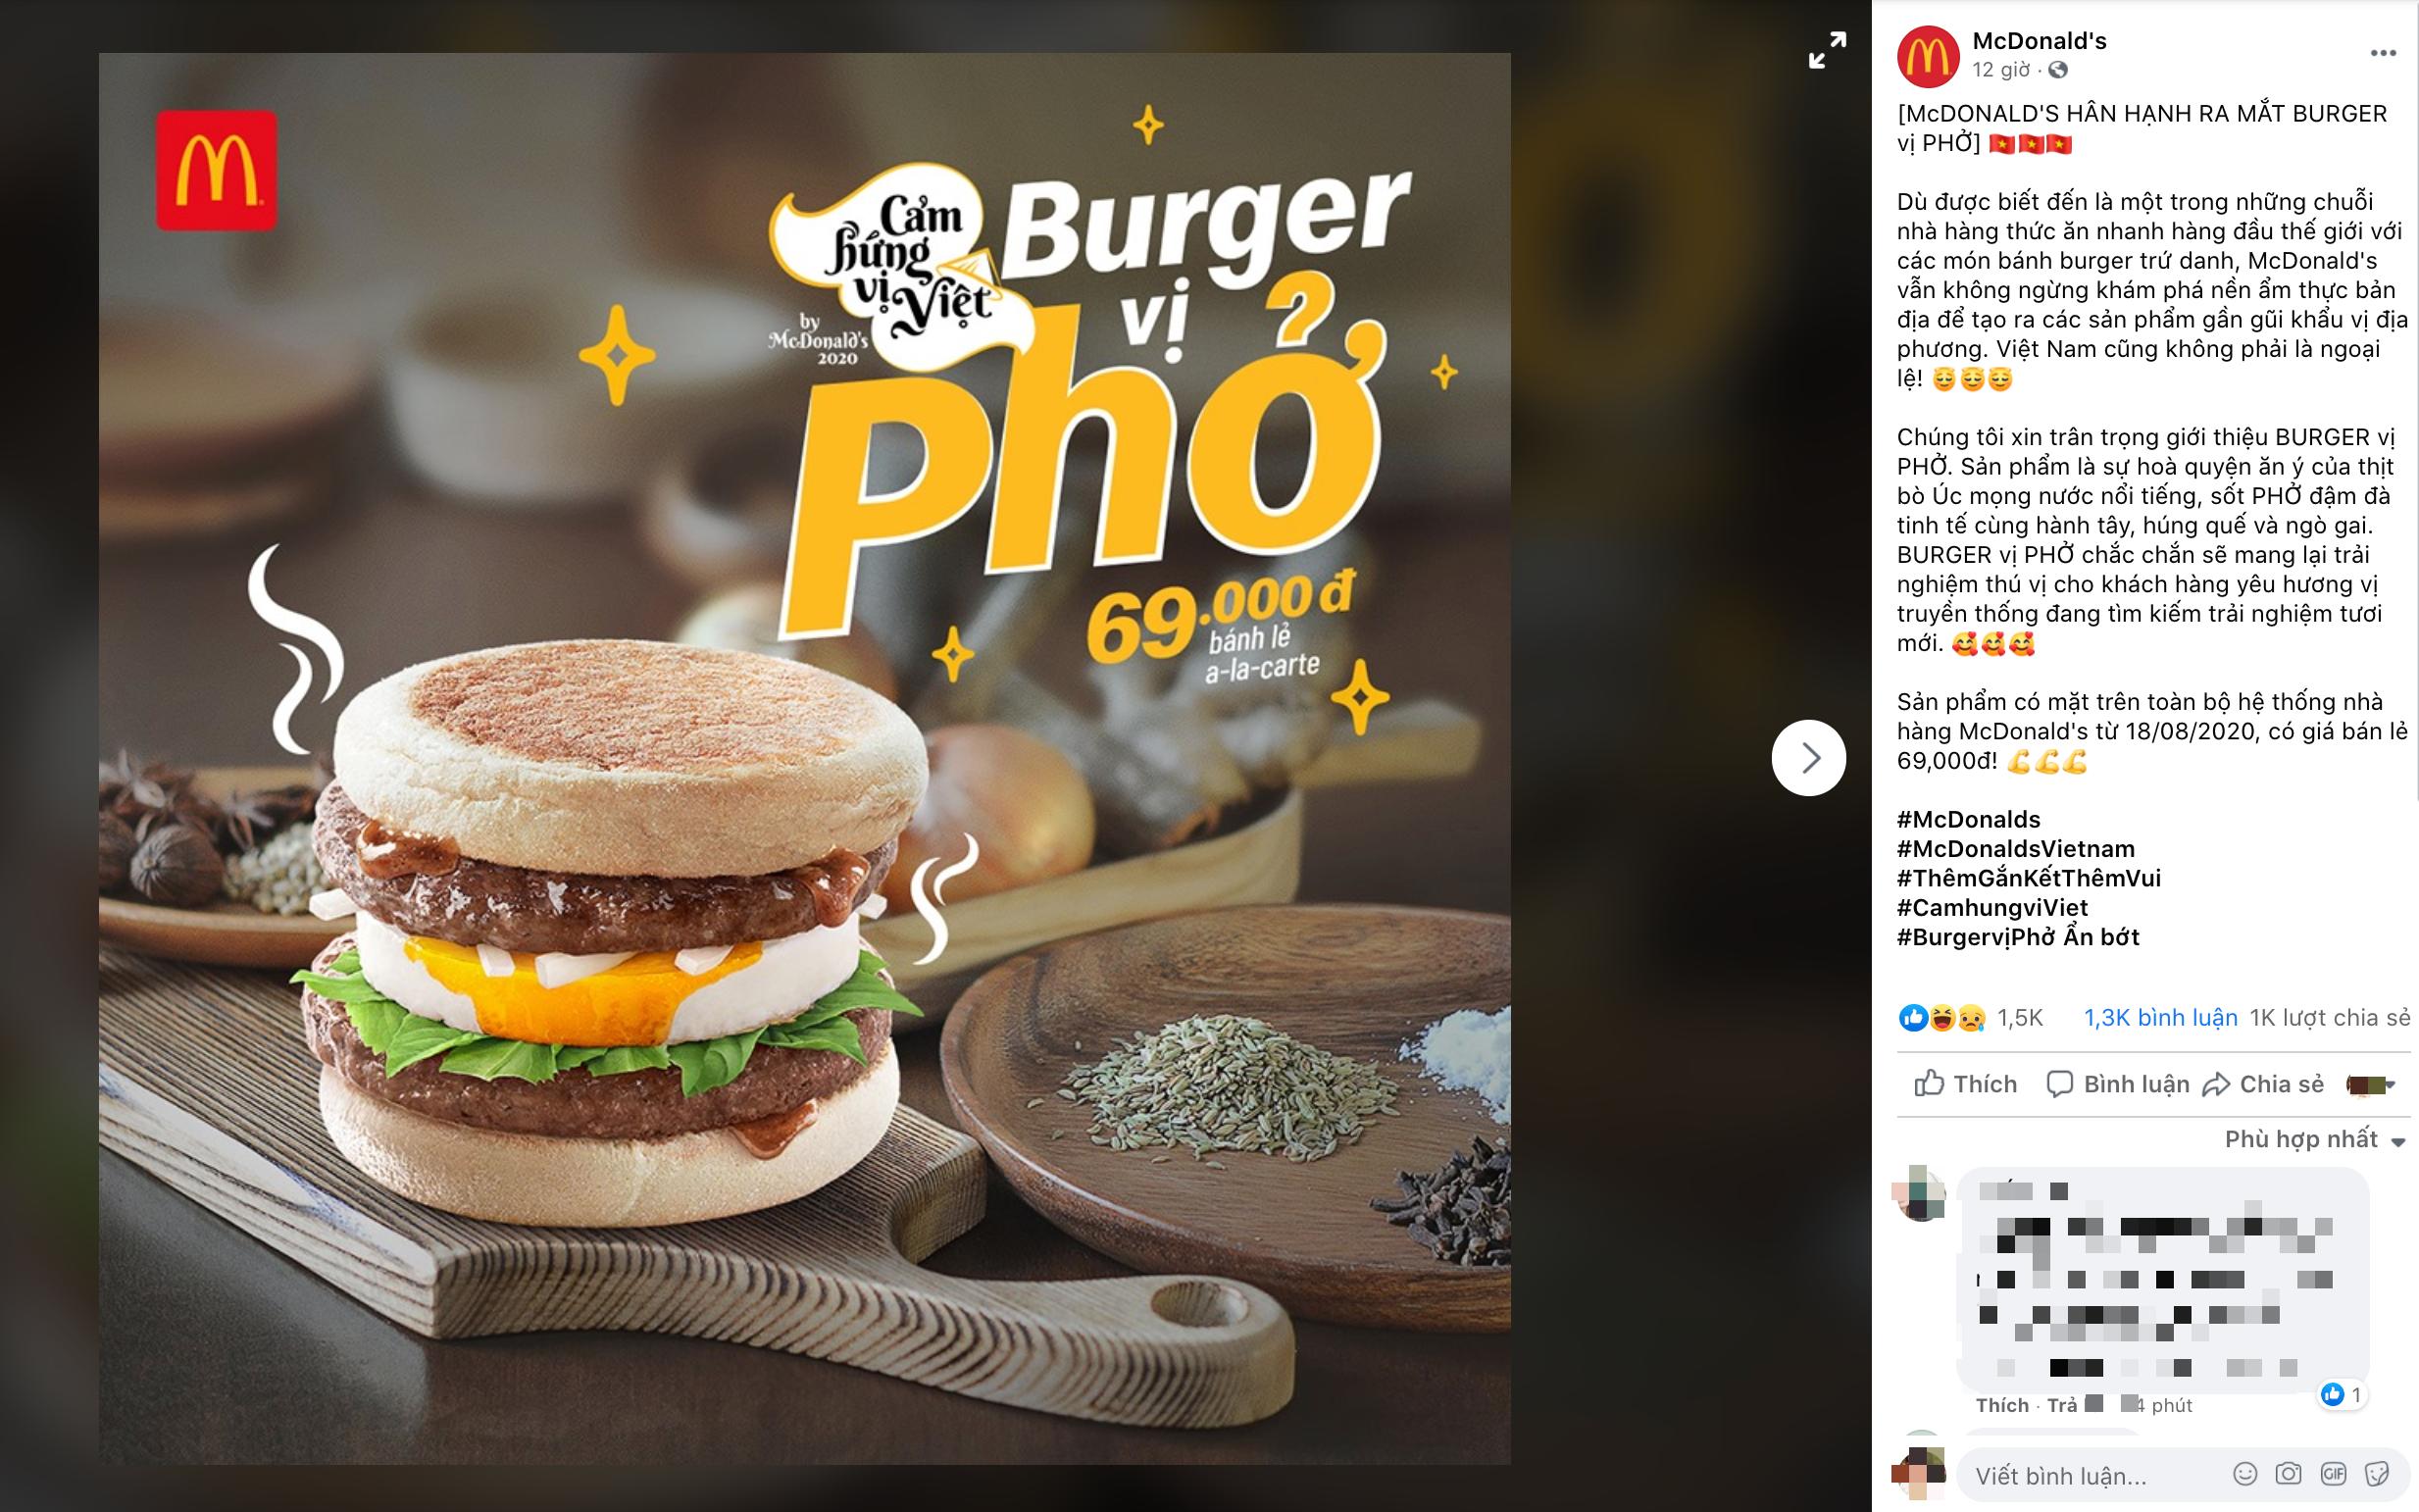 Mượn cảm hứng ẩm thực Việt như pizza bún đậu mắm tôm, pizza chả cá, McDonald's lần đầu ra mắt burger vị phở - hoà quyện thịt bò Úc với sốt Phở cùng húng quế, ngò gai